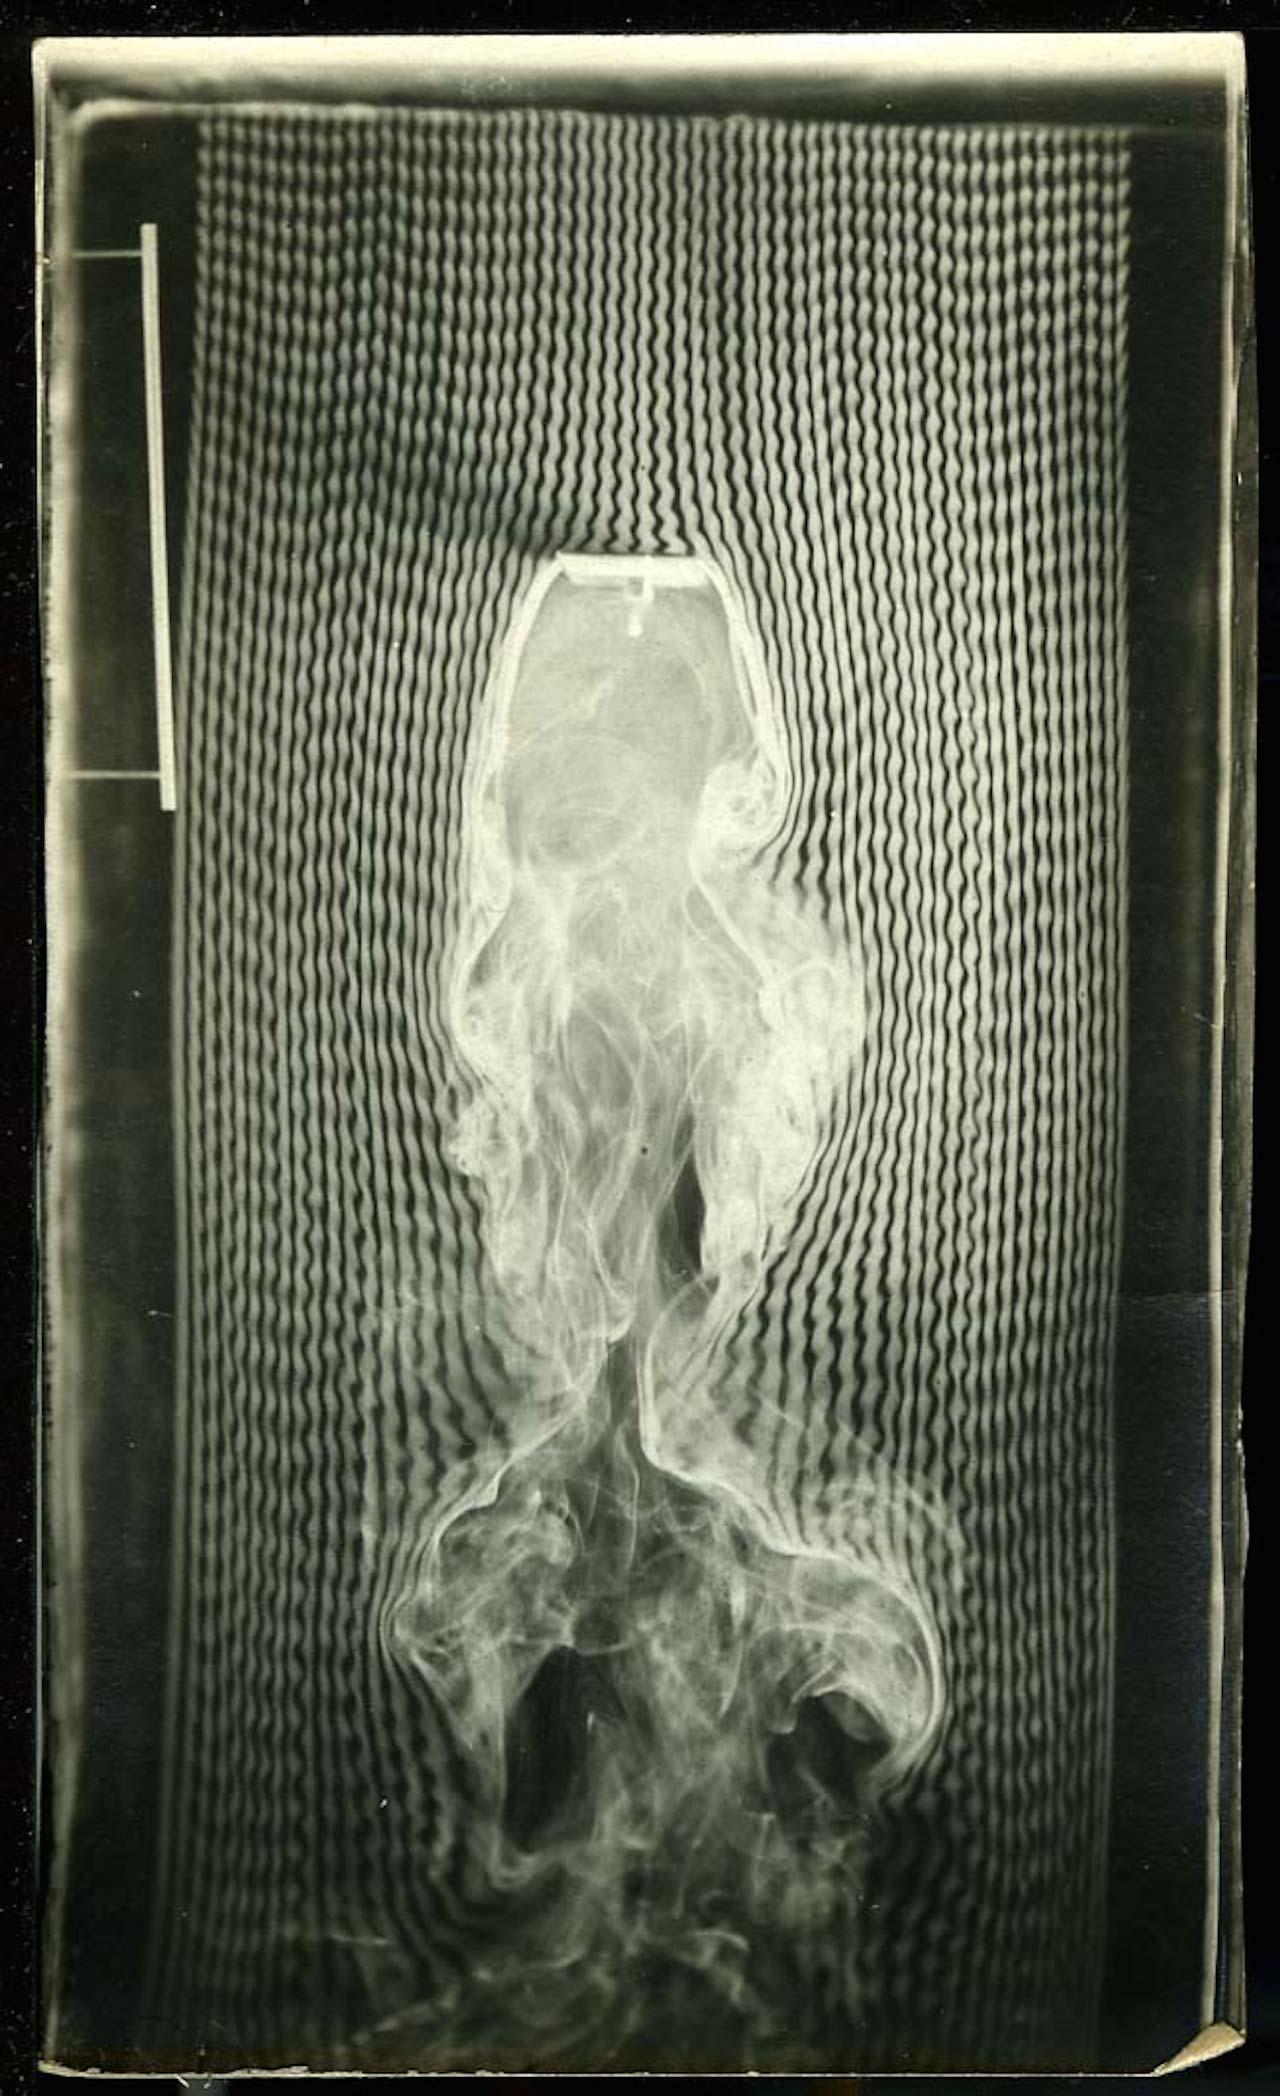 Untitled [Fumées - plan normal à la direction du courant (smoke)] Étienne Jules Marey, 1901, courtesy of Cinémathèque Française, Paris